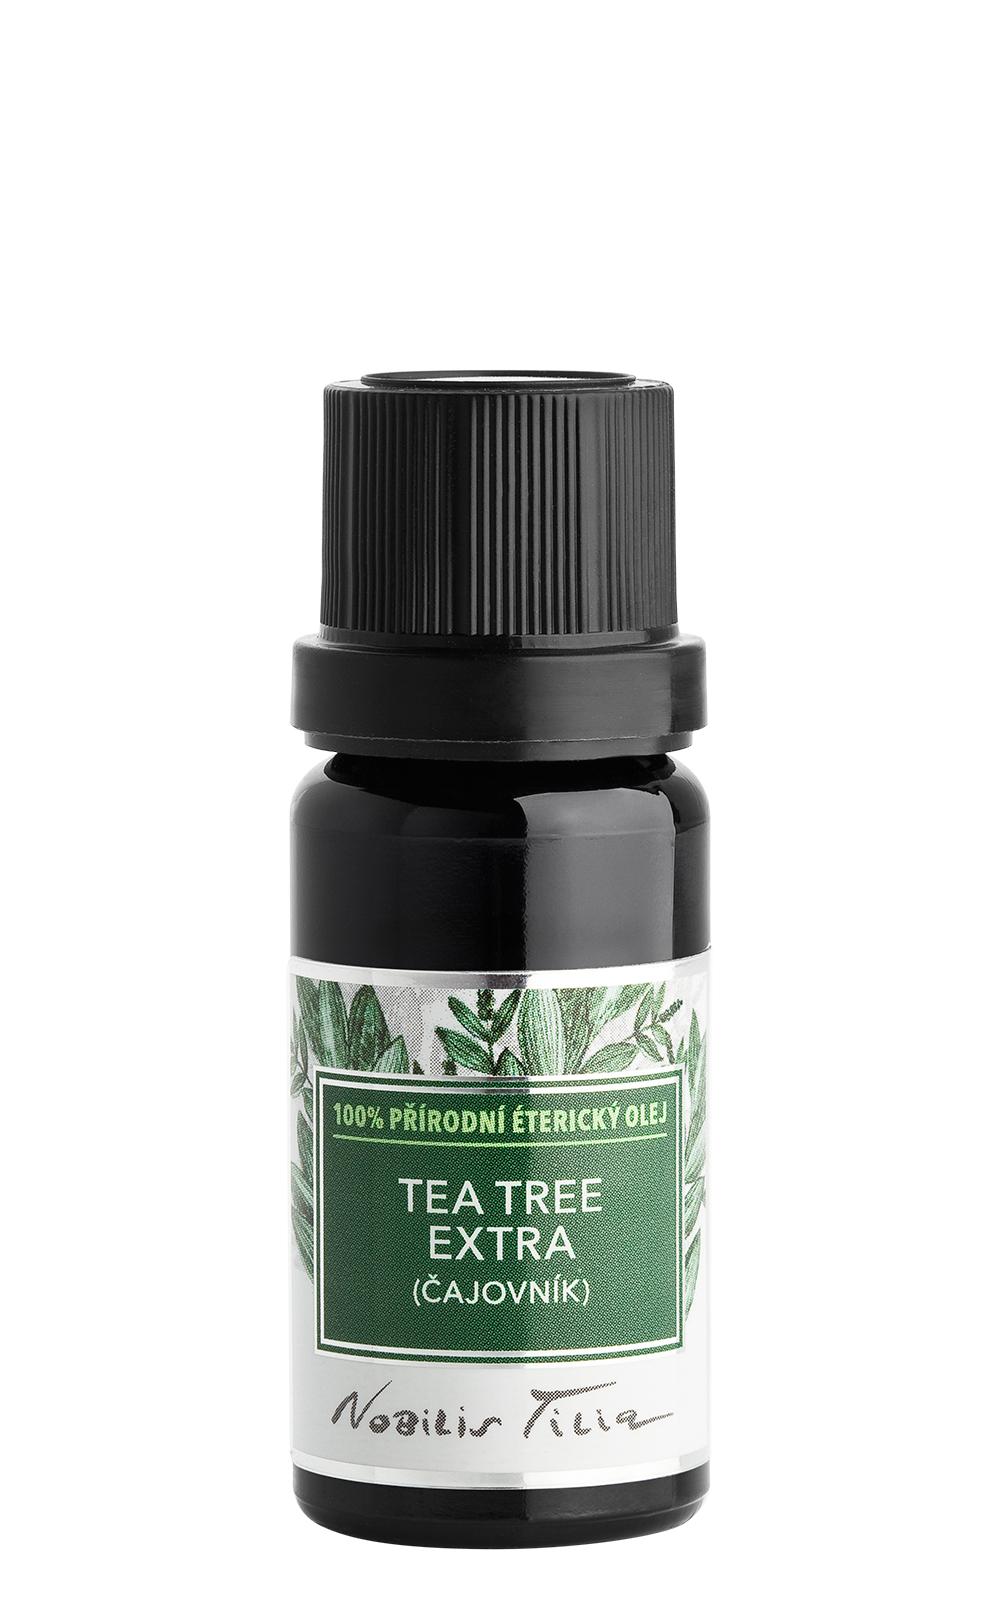 Nobilis Tilia Nobilis, Éterický olej Tea tree extra (čajovník) 20 ml